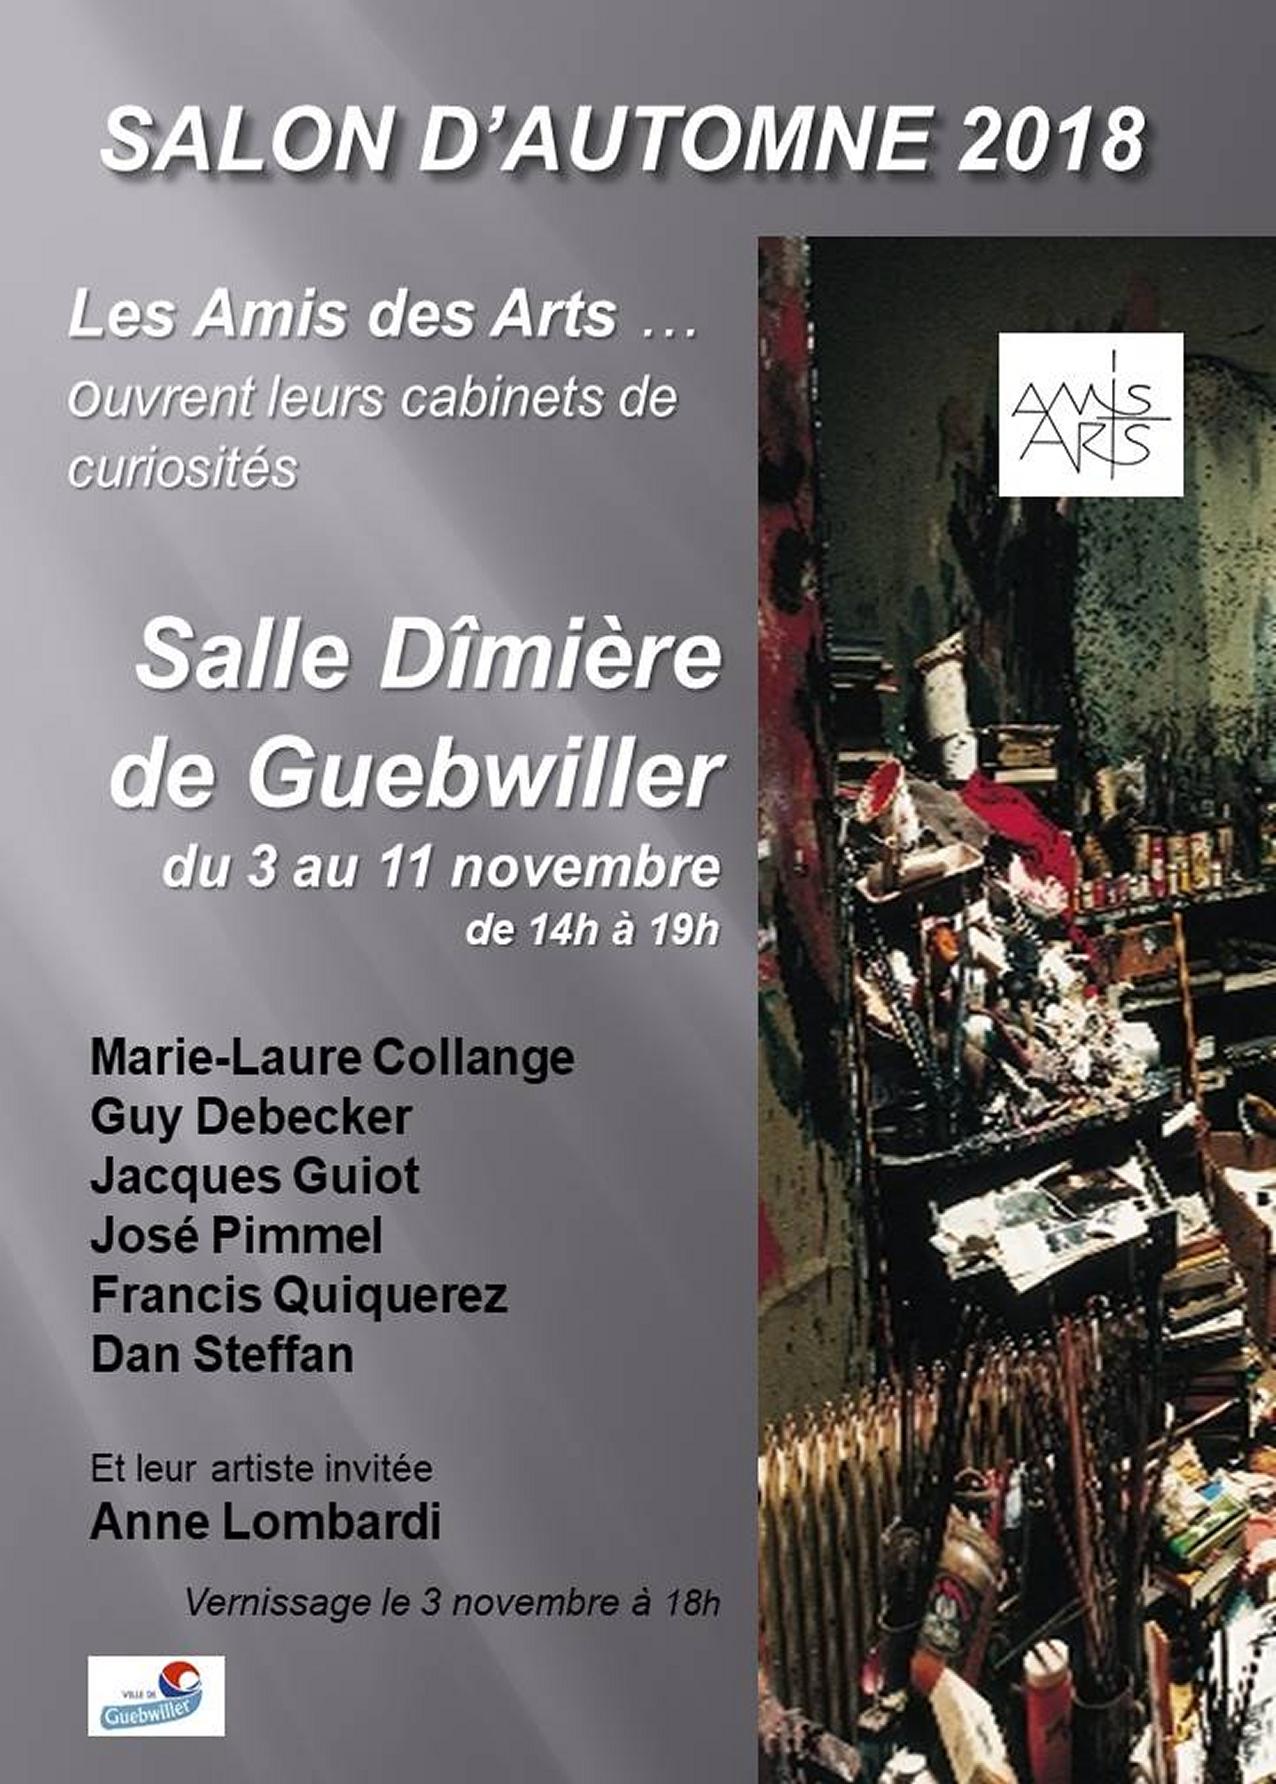 Salon d'automne 2018 version 27-09 20.21 marges incl